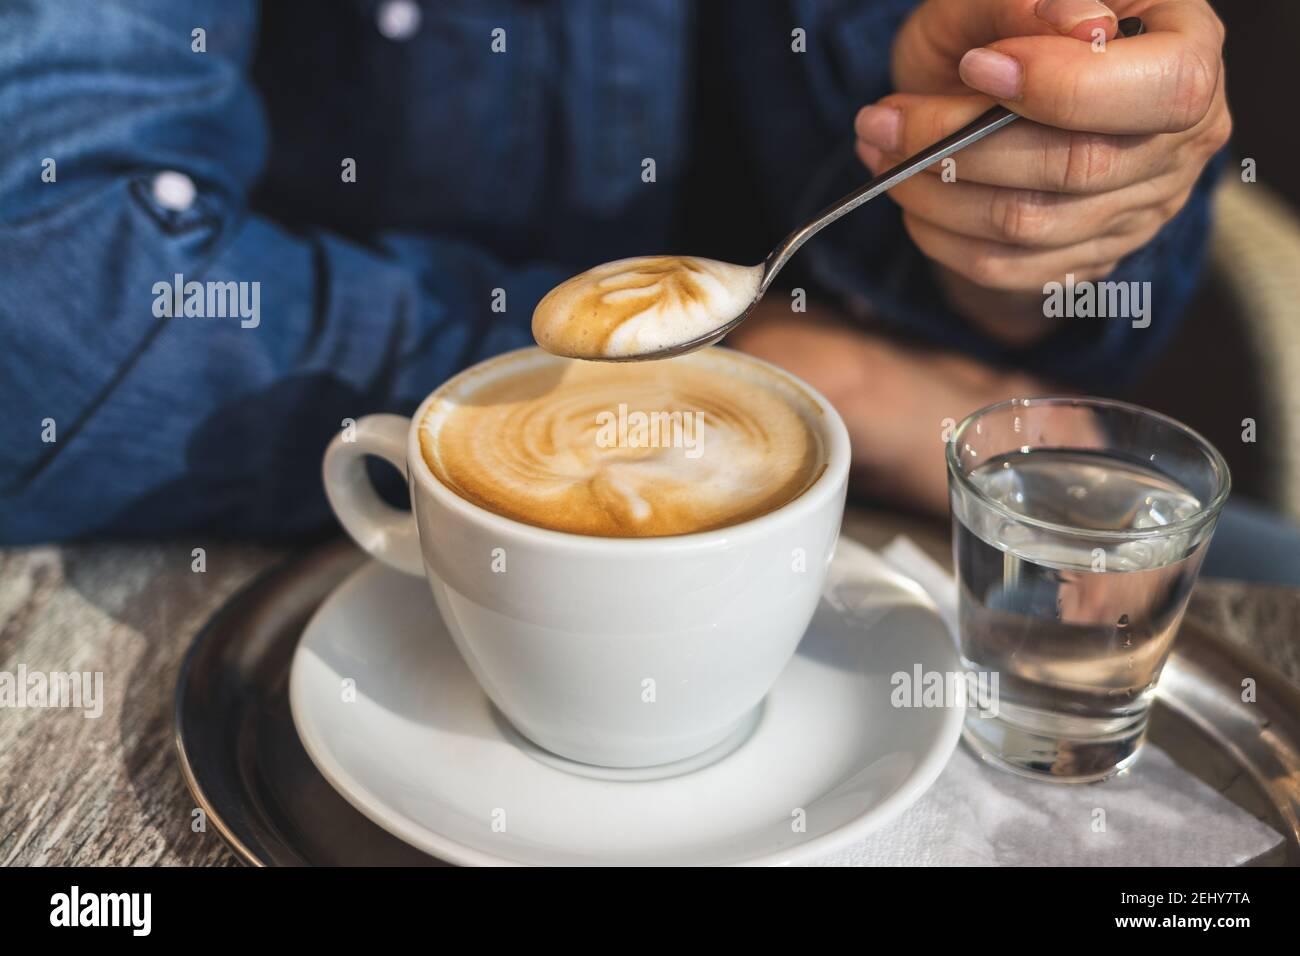 Cappuccino, femme buvant du café au café. Vue rapprochée de la cuillère dans la main féminine et de la tasse de café blanc Banque D'Images